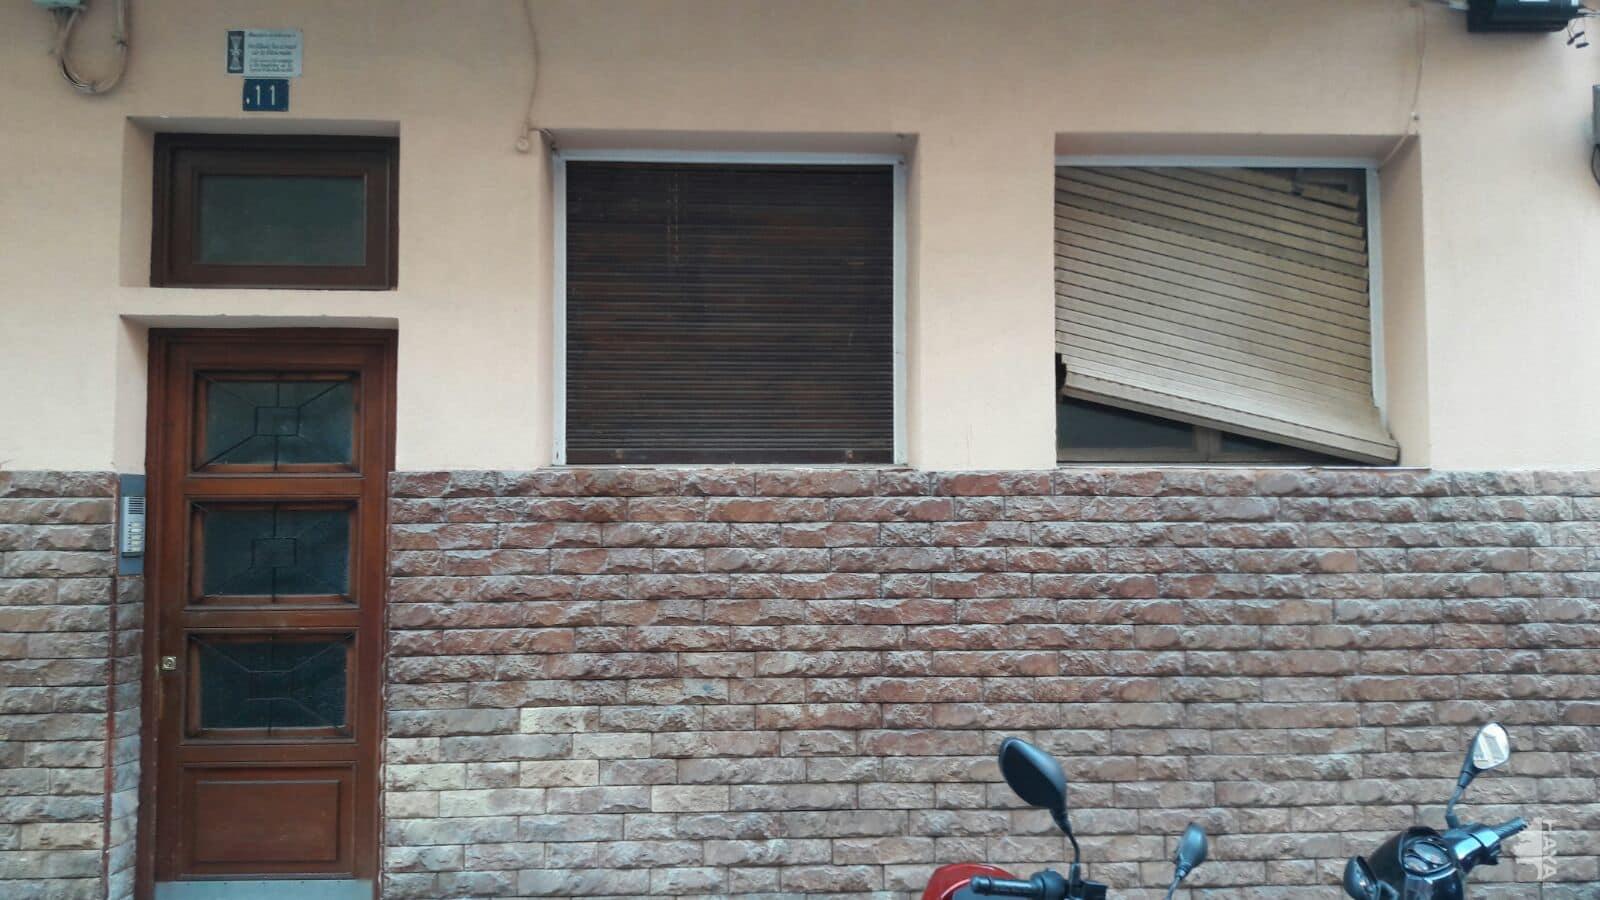 Piso en venta en Alicante/alacant, Alicante, Calle Isaac Albeniz, 65.843 €, 3 habitaciones, 1 baño, 66 m2